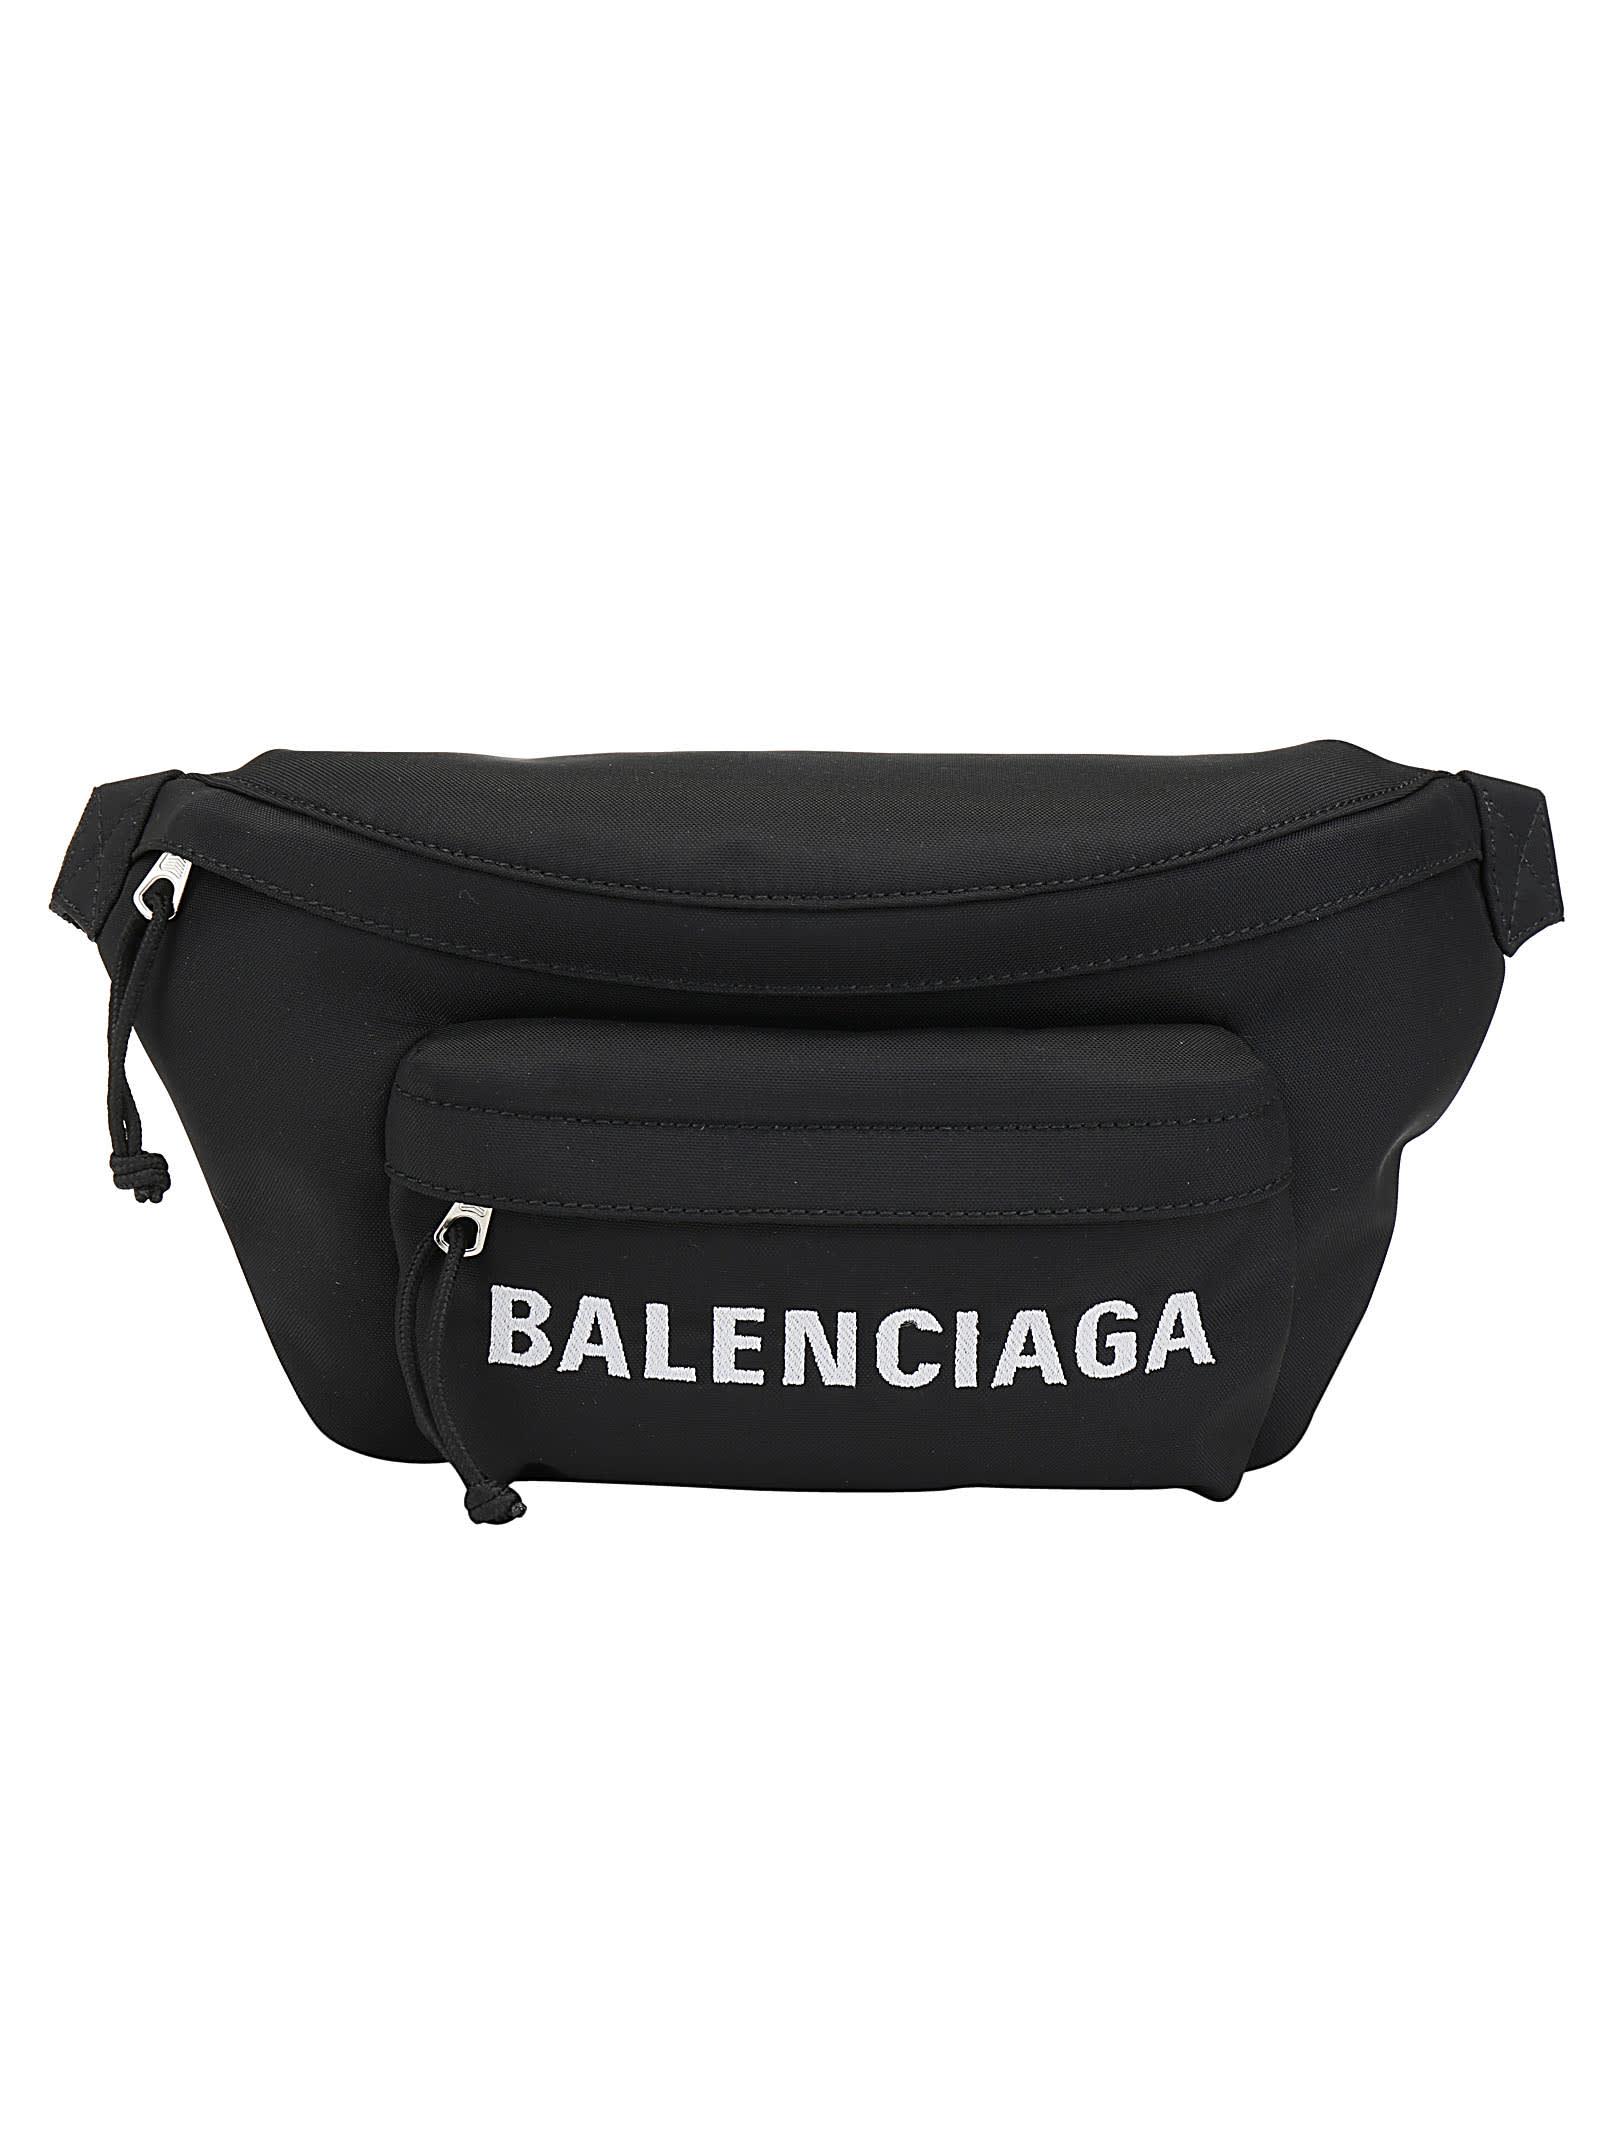 Balenciaga BELT BAG